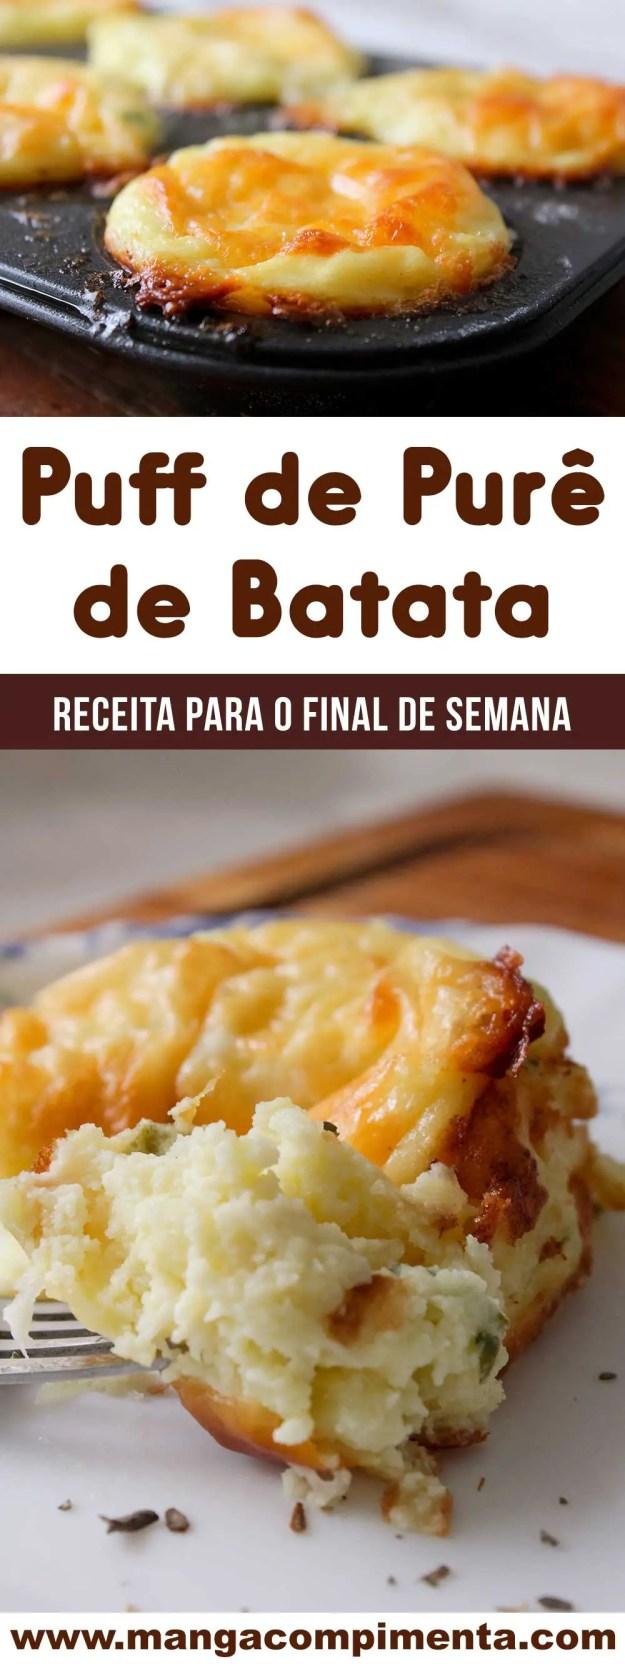 Receita de Puff de Purê de Batata com Queijo - para um almoço caseiro e leve da semana!